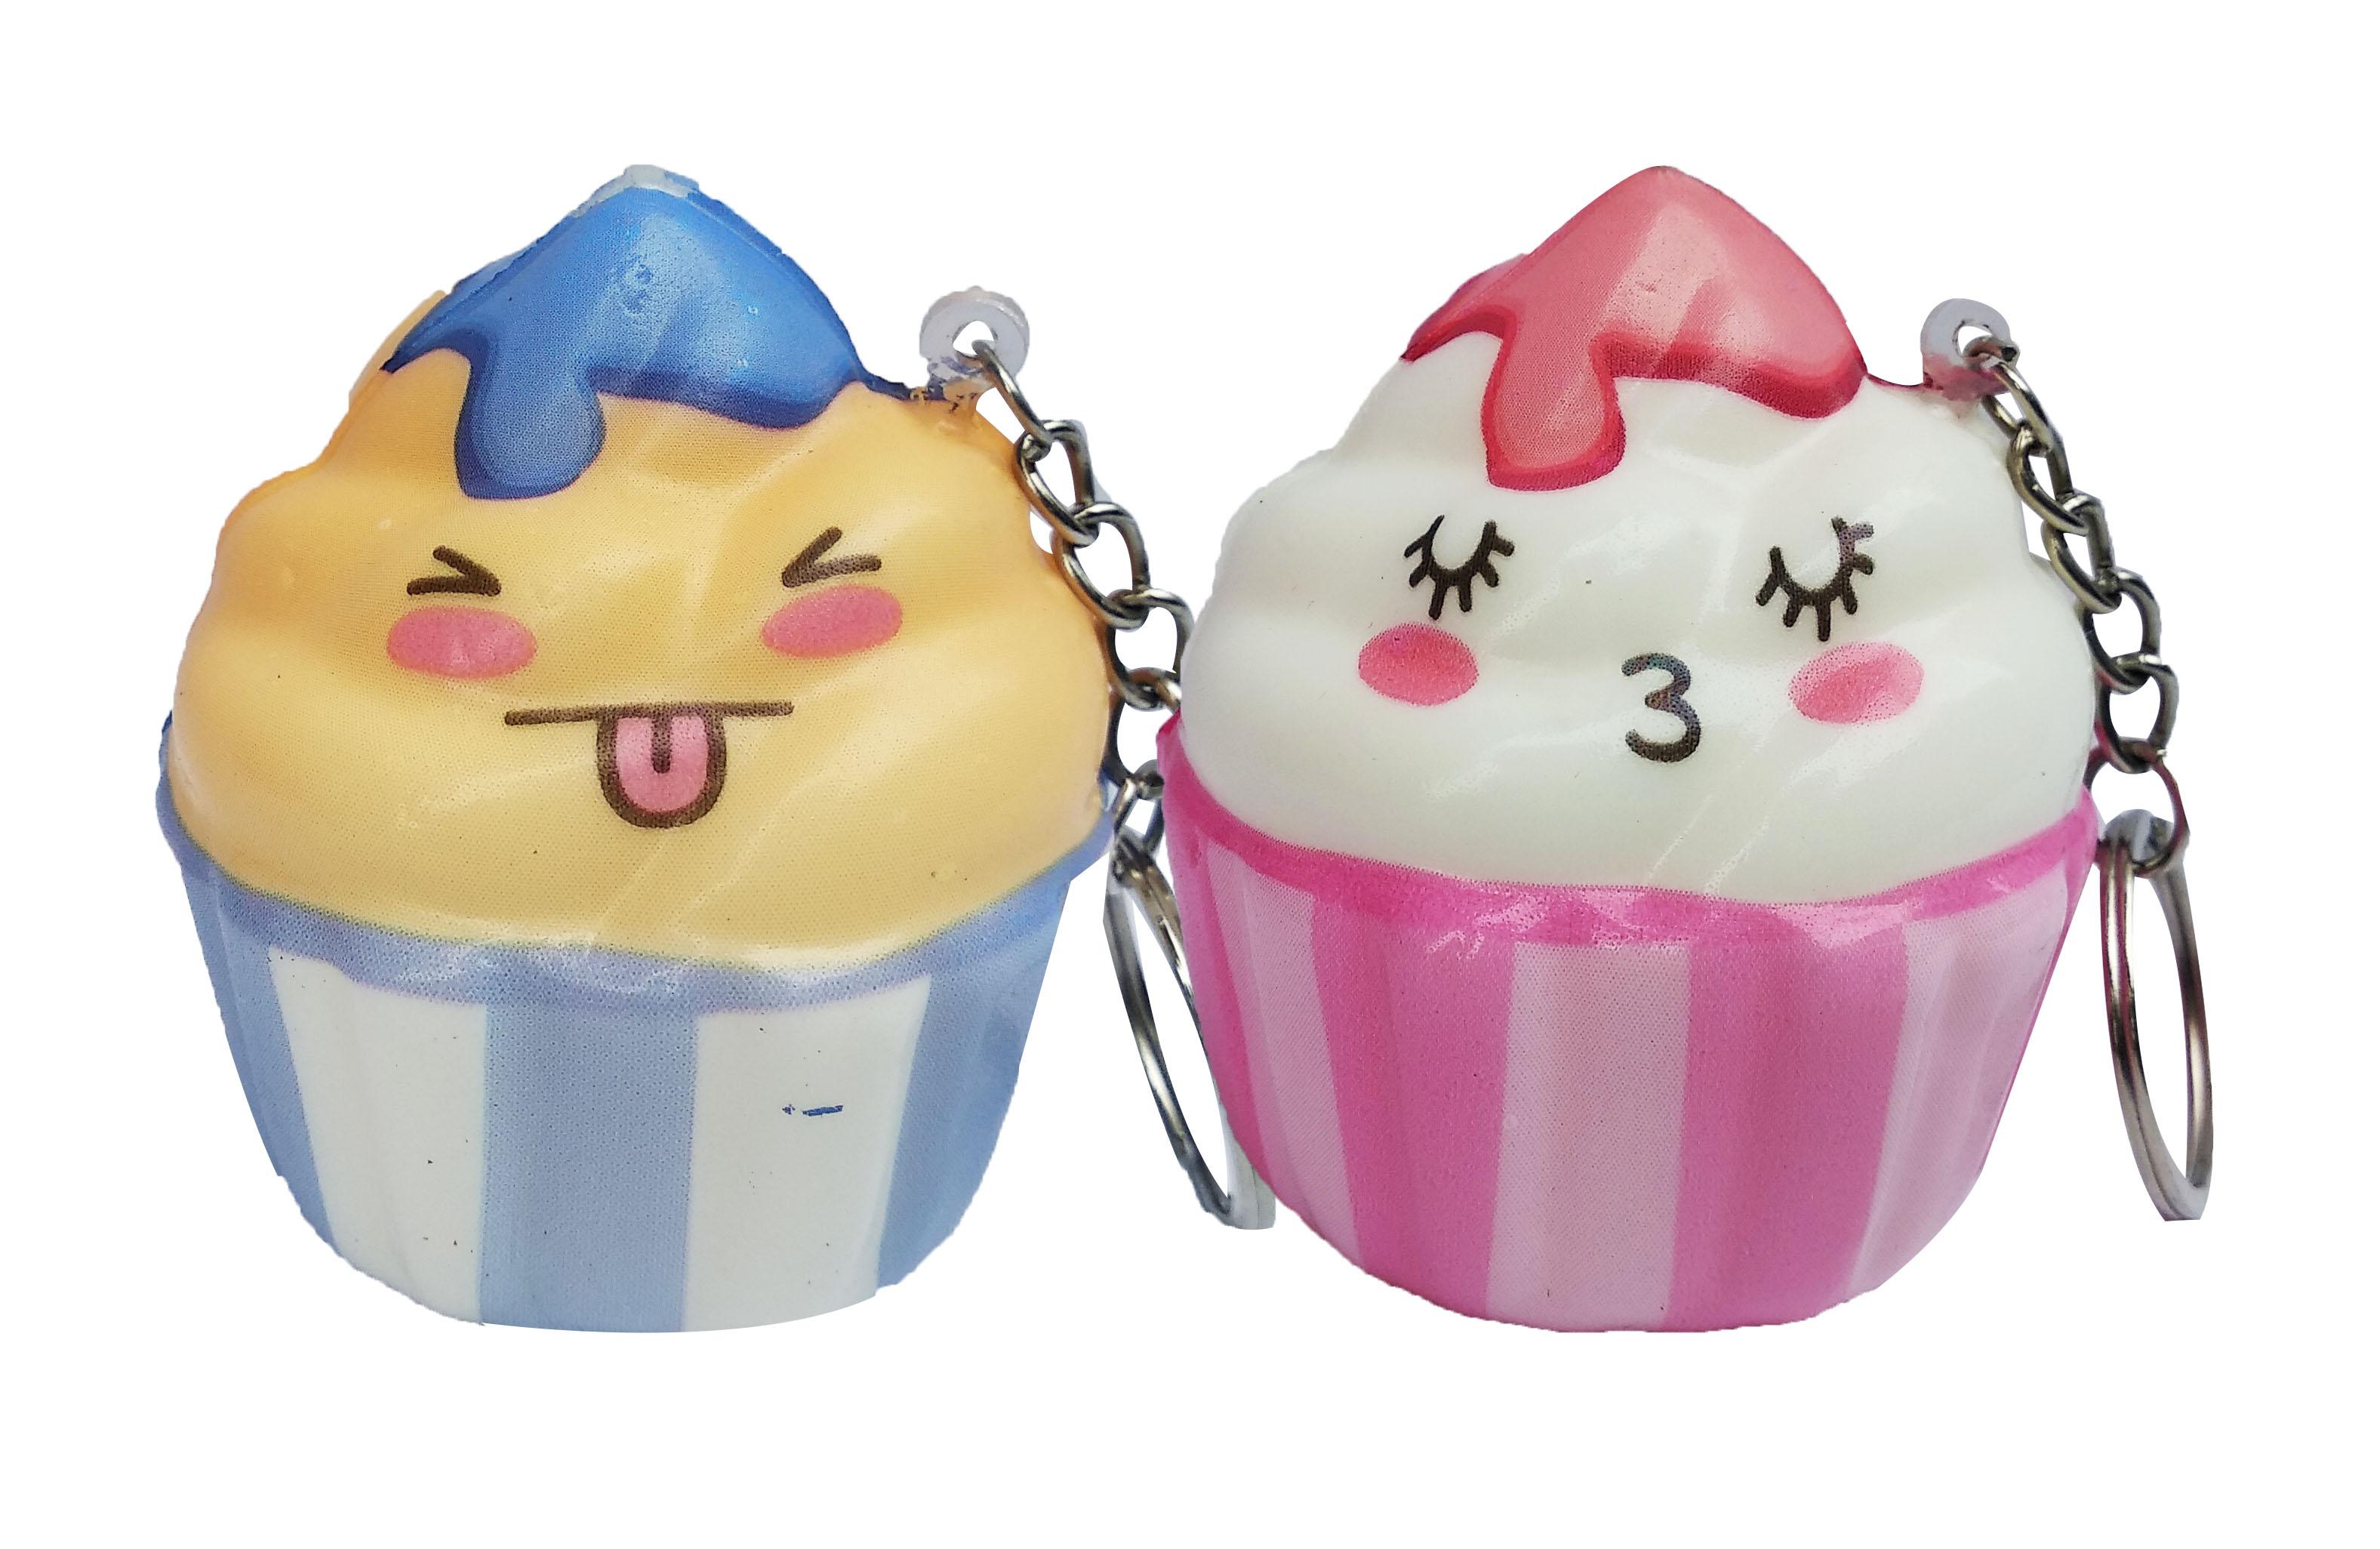 toko mainan online SQUISHY CAKE KECIL - LC256